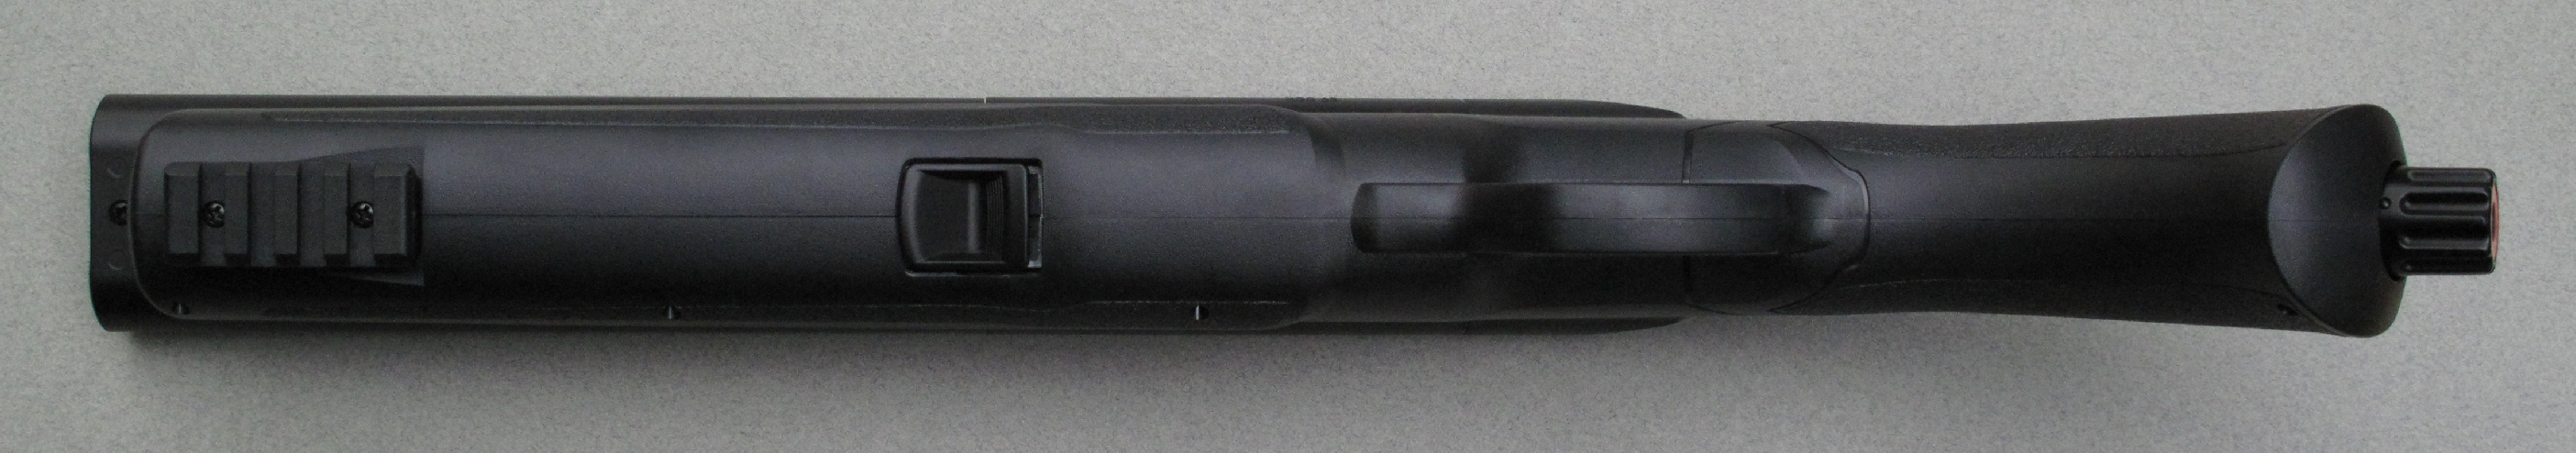 Cette vue du dessous permet d'observer, au centre du fût, le bouton qui commande l'ouverture des canons et, à l'avant, le rail Picatinny destiné à la fixation d'accessoires tactiques, comme une lampe torche ou un désignateur laser.